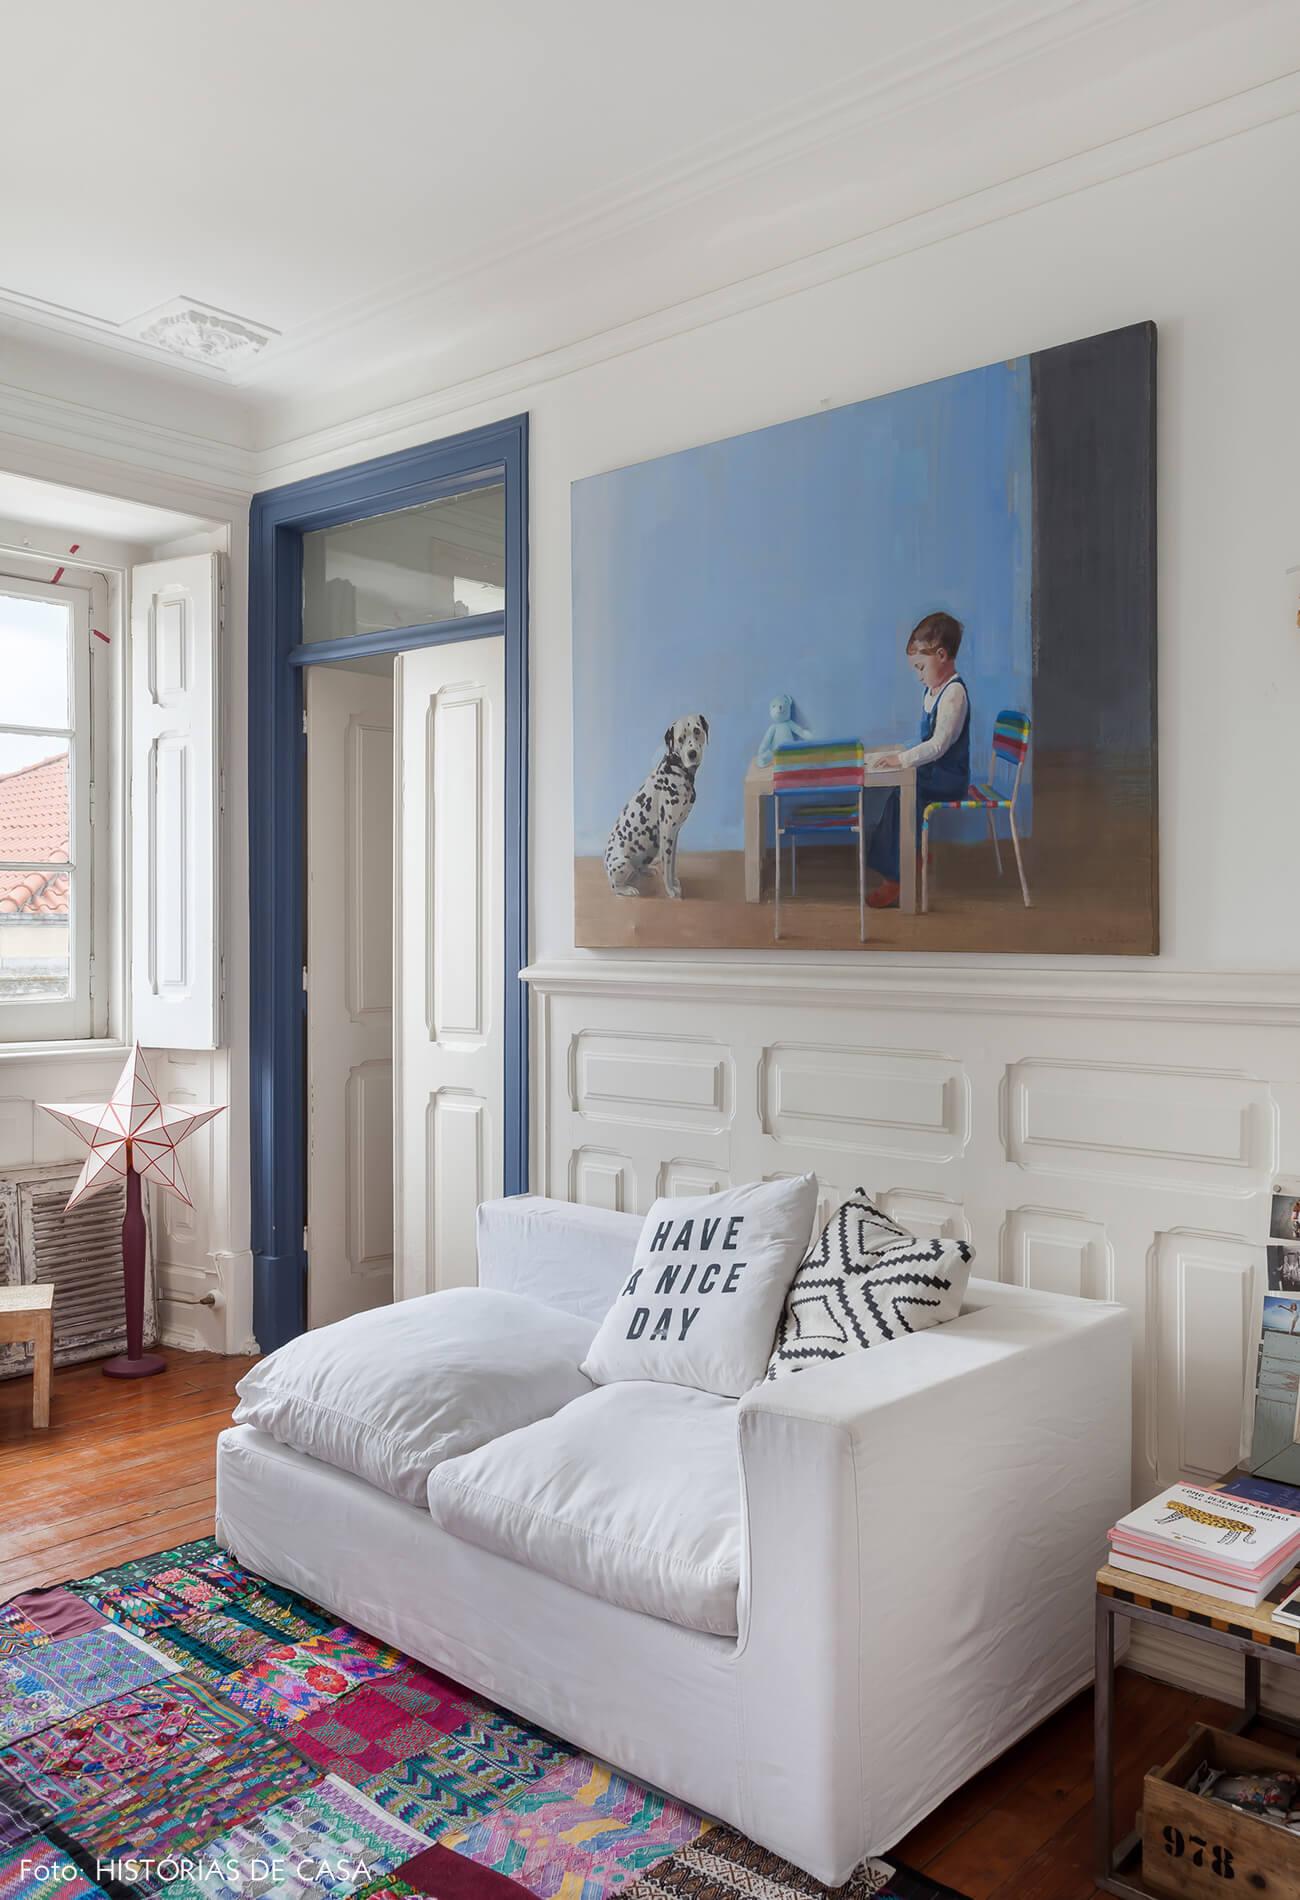 mariana-portugal-decoração-sala-com-tapete-estampado-e-detalhes-azul